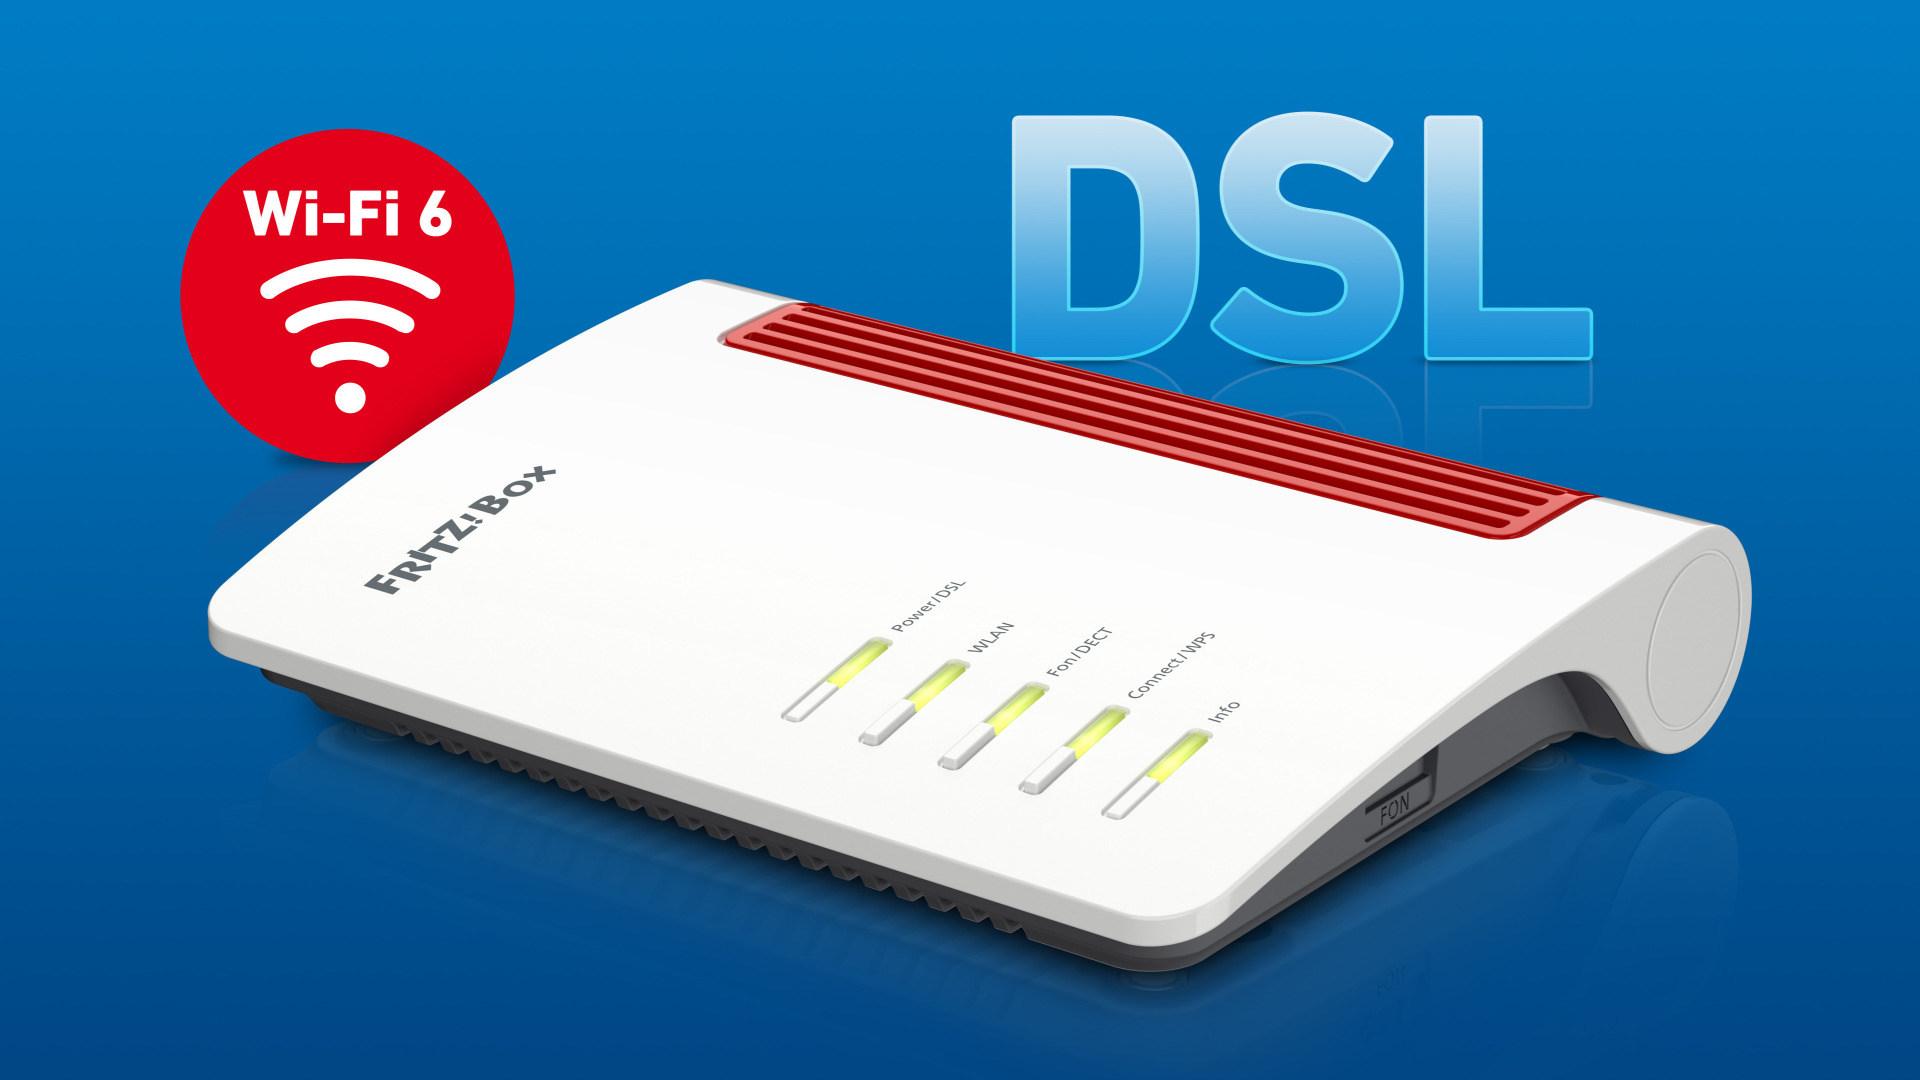 Wlan, Router, Netzwerk, Avm, FritzOS, Dsl, Wi-Fi 6, WLAN-ax, Fritzbox 7530 AX